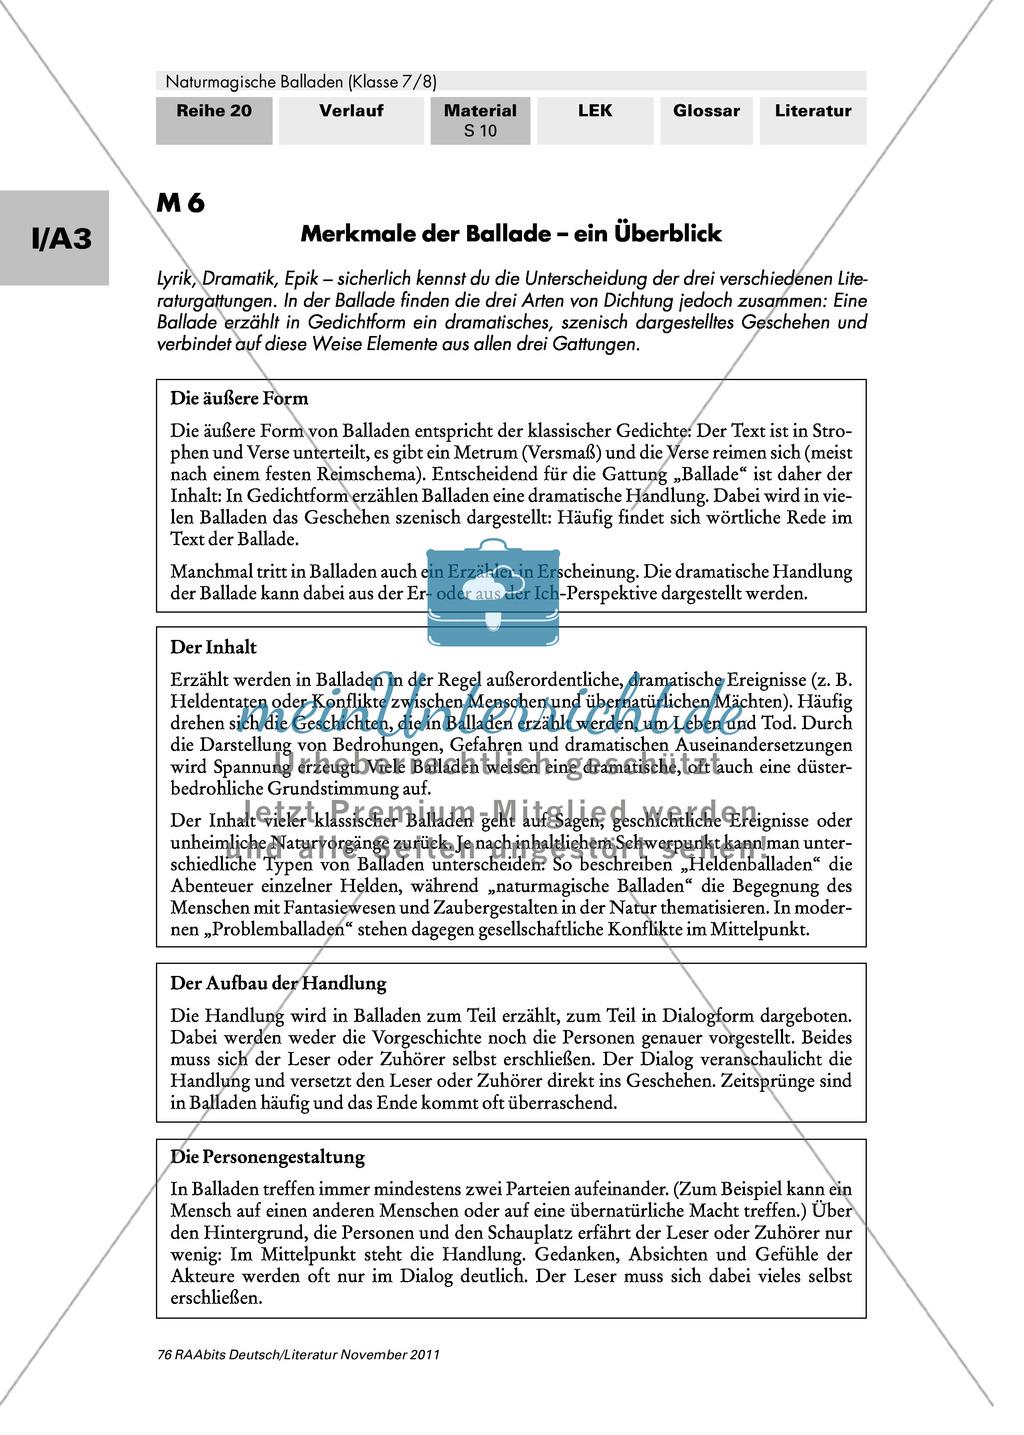 Merkmale von Balladen erarbeiten. Mit Infotext und Tabelle zum ausfüllen. Preview 1